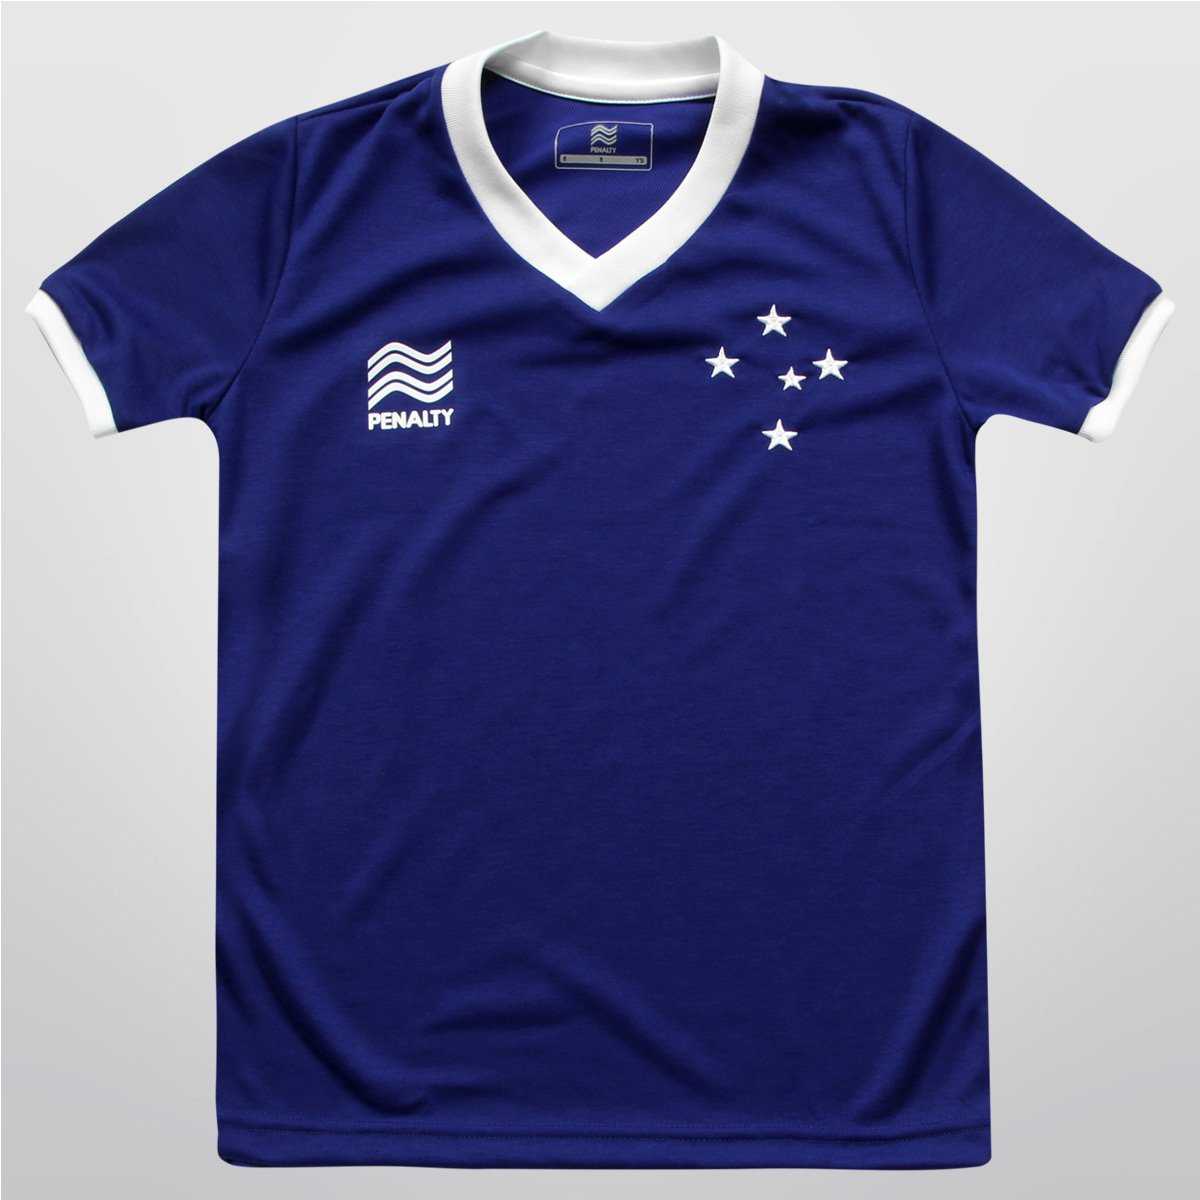 4a8e40420f306 Camiseta Juvenil Cruzeiro Penalty - Compre Agora